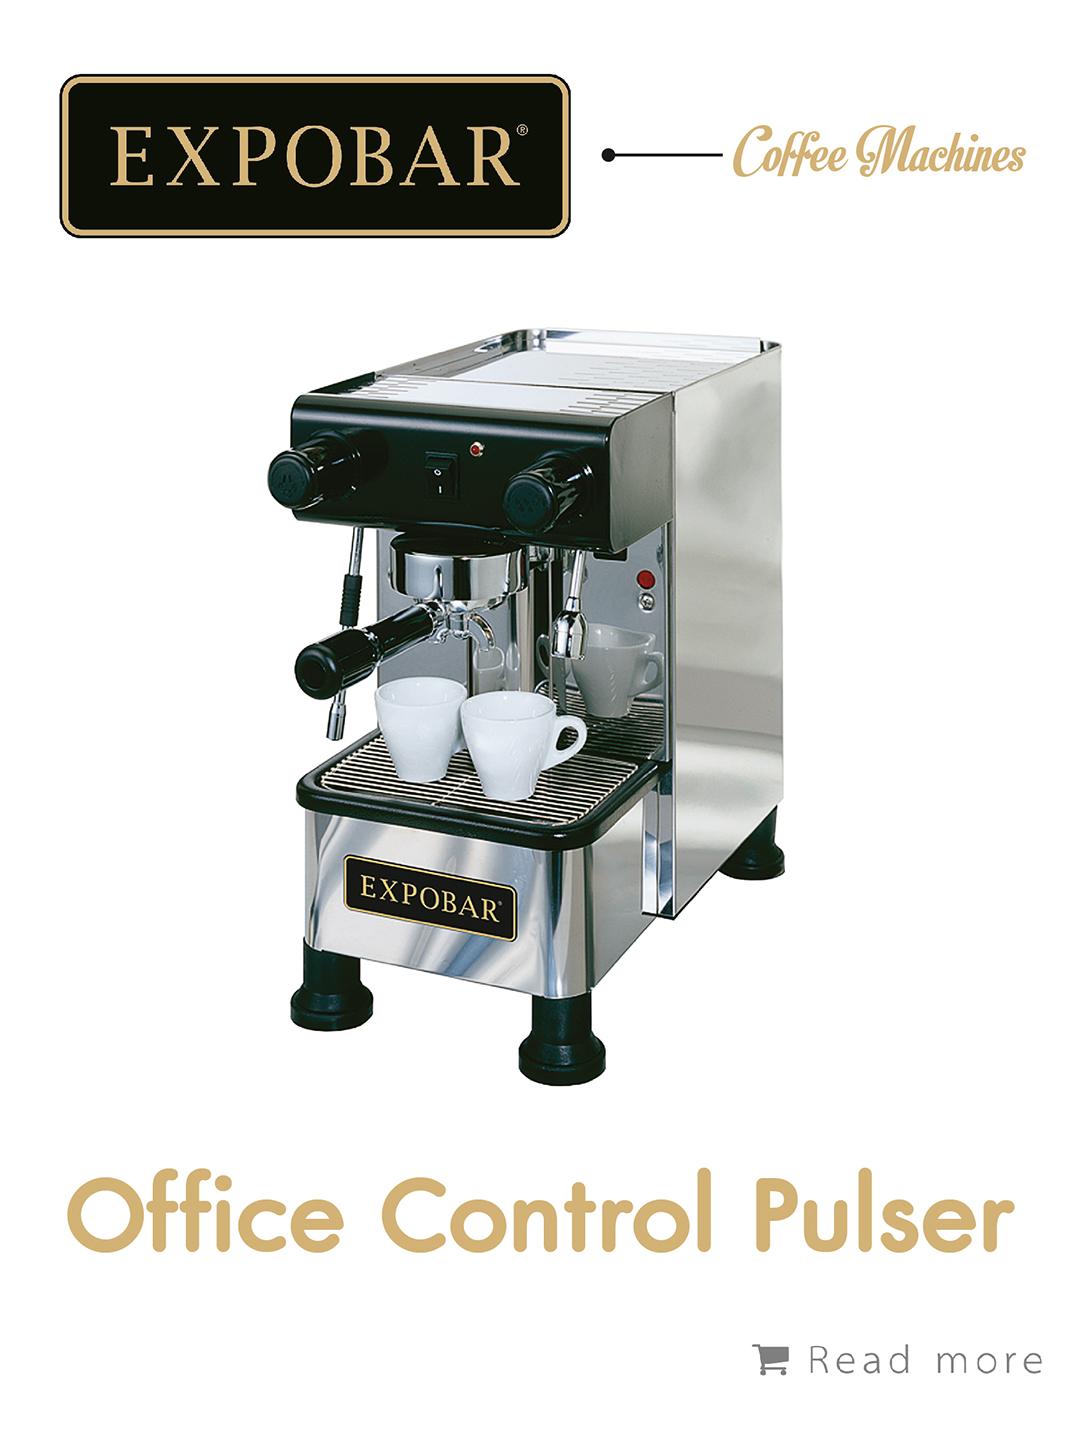 เครื่องชงกาแฟ Expobar Office Pulser,เครื่องชงกาแฟ, เรียนชงกาแฟ, สอนชงกาแฟ, อุปกรณ์ร้านกาแฟ, กาแฟคั่ว, ซ่อมเครื่องชงกาแฟ, ขายเครื่องชงกาแฟ, จำหน่ายเมล็ดกาแฟคั่ว, ขายเมล็ดกาแฟคั่ว, จำหน่ายเมล็ดกาแฟสาร, ขายเมล็ดกาแฟสาร, เมล็ดกาแฟคั่ว, เมล็ดกาแฟสาร, อุปกรณ์สำหรับเปิดร้านกาแฟ , เปิดสอนฝึกอบรมการชงกาแฟที่ถูกต้อง , รับจ้างโปรเซสกาแฟ, คั่วกาแฟด้วยเครื่องจักรอันทันสมัย